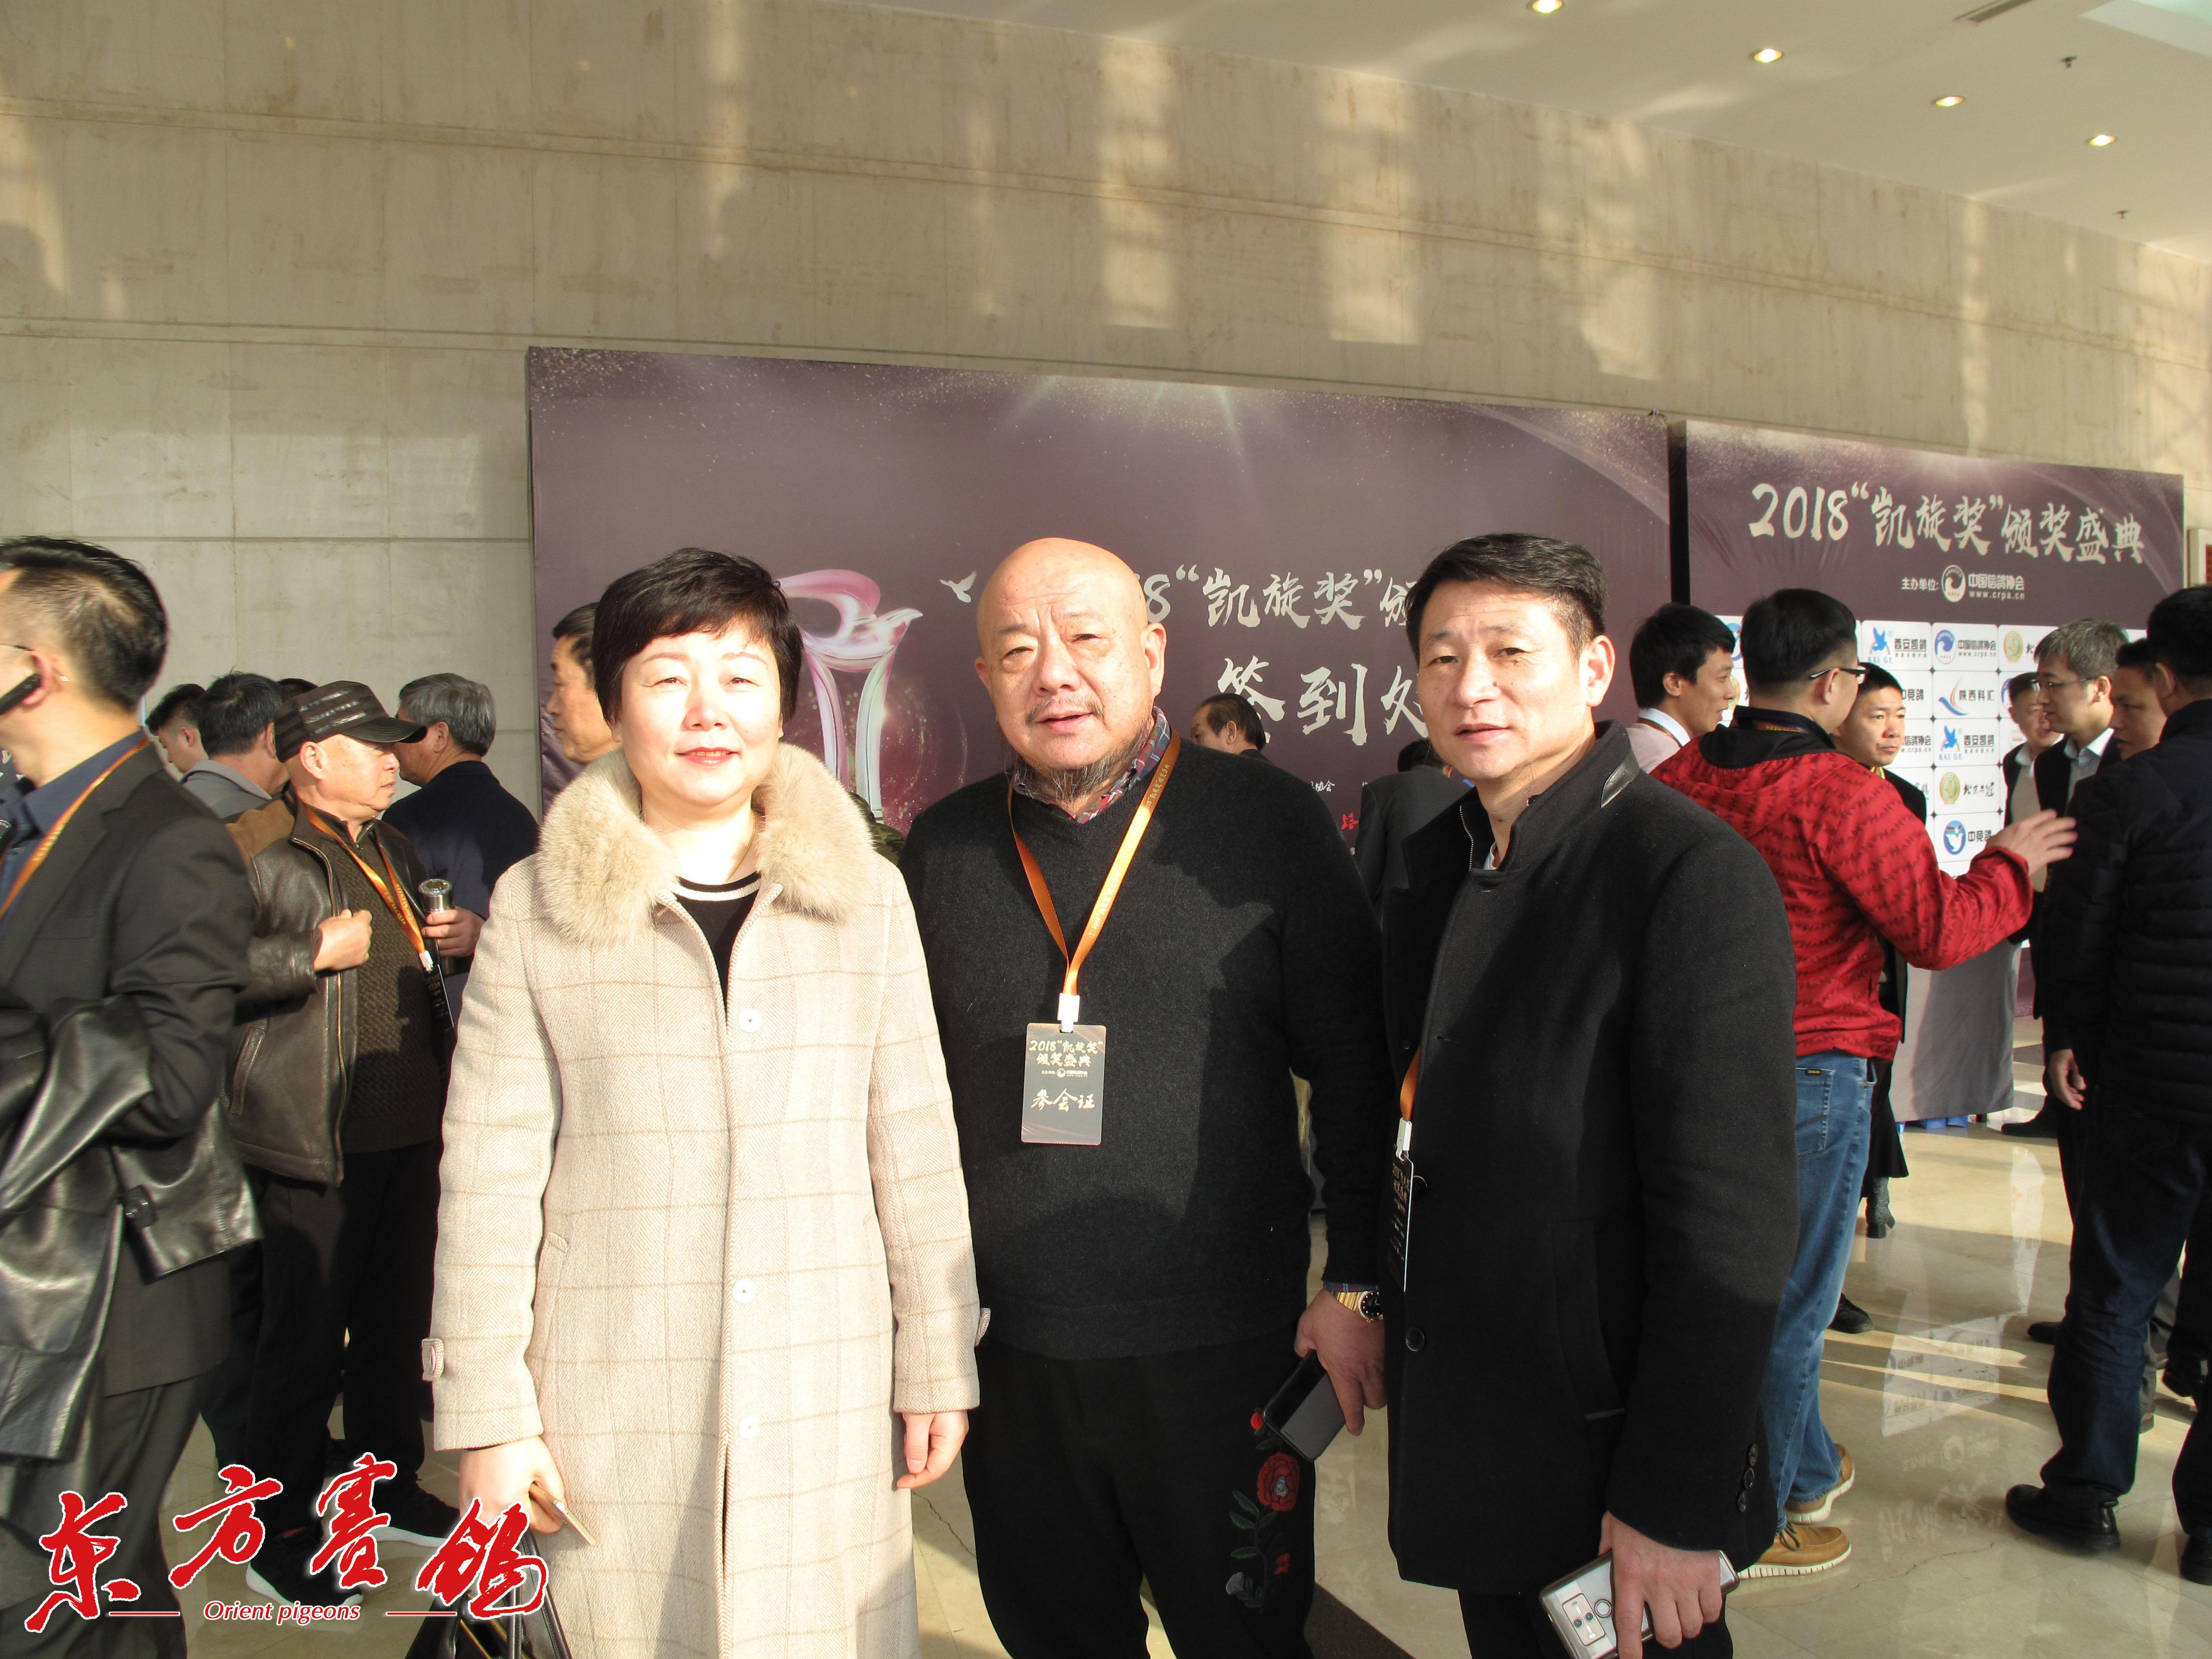 15、爱丽丝鸽药总经理王新萍总经理-左福建省信鸽协会副主席陈舒、秘书长李培健在会中留影。